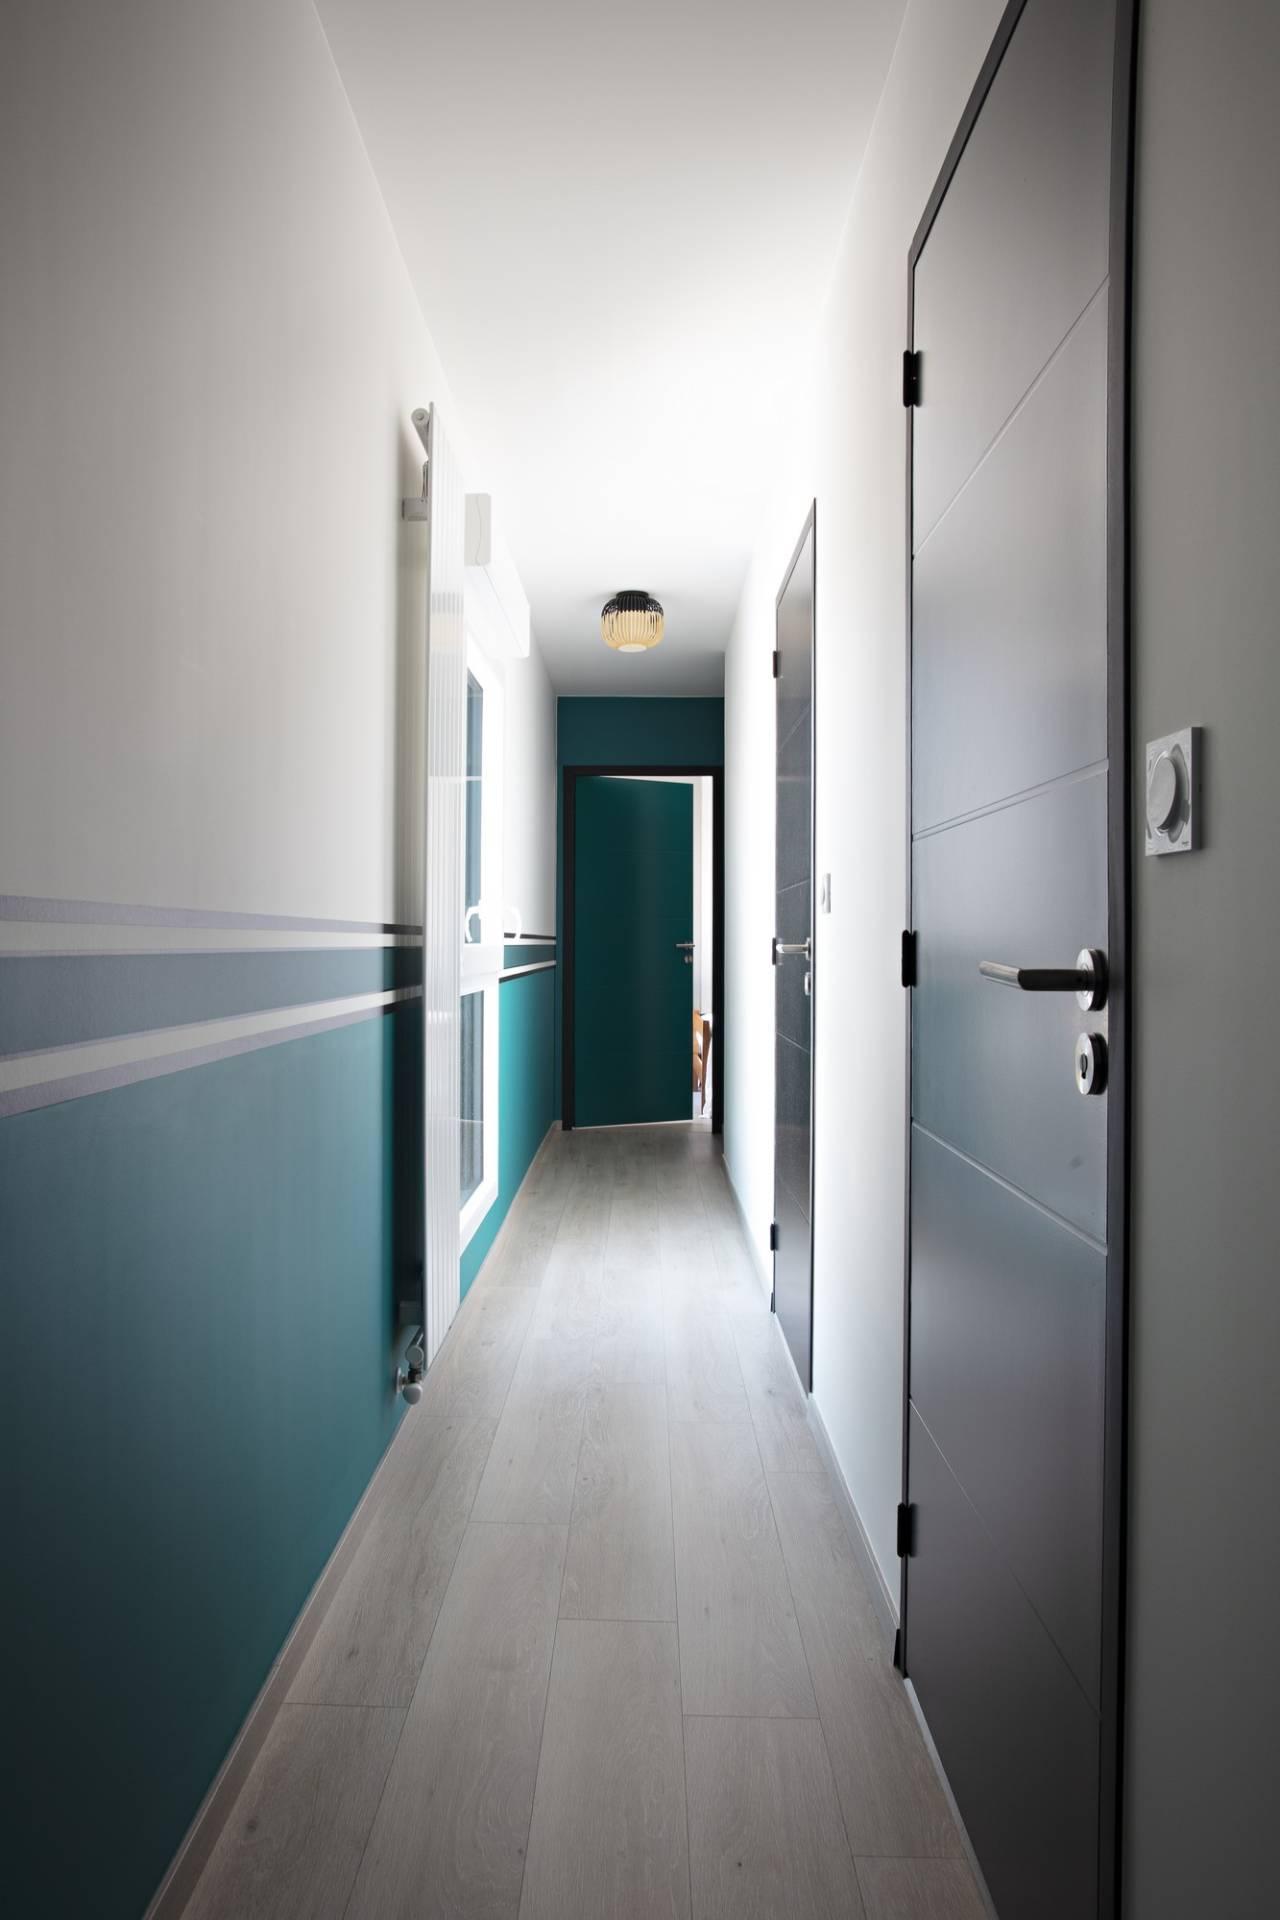 Décoration et agencement d'un appartement sur plans à Rennes - couloir avec soubassement frise bleu Sarah Lavoine portes noires plafonnier Bamboo noir, par Nathalie Bossard, Décoratrice d'intérieur, Rennes, Ille et Vilaine